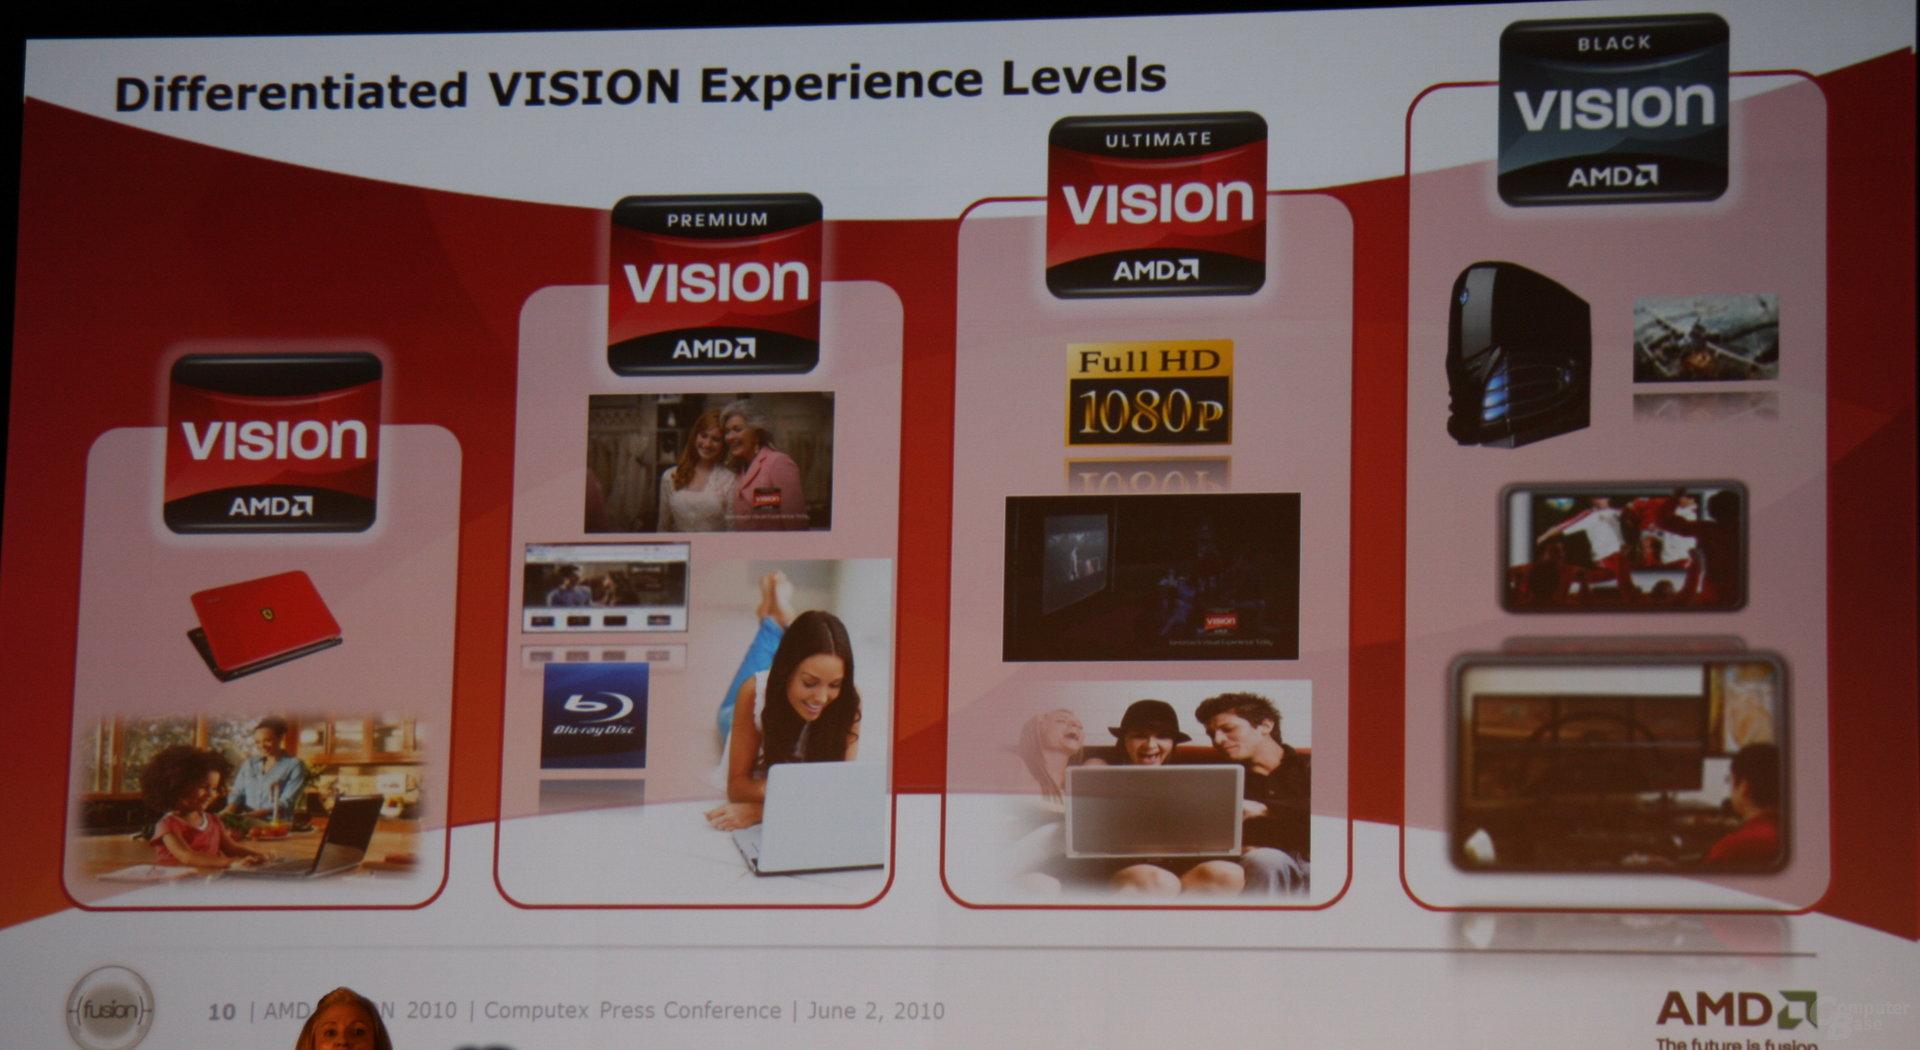 Vision-Logos und Anforderungen